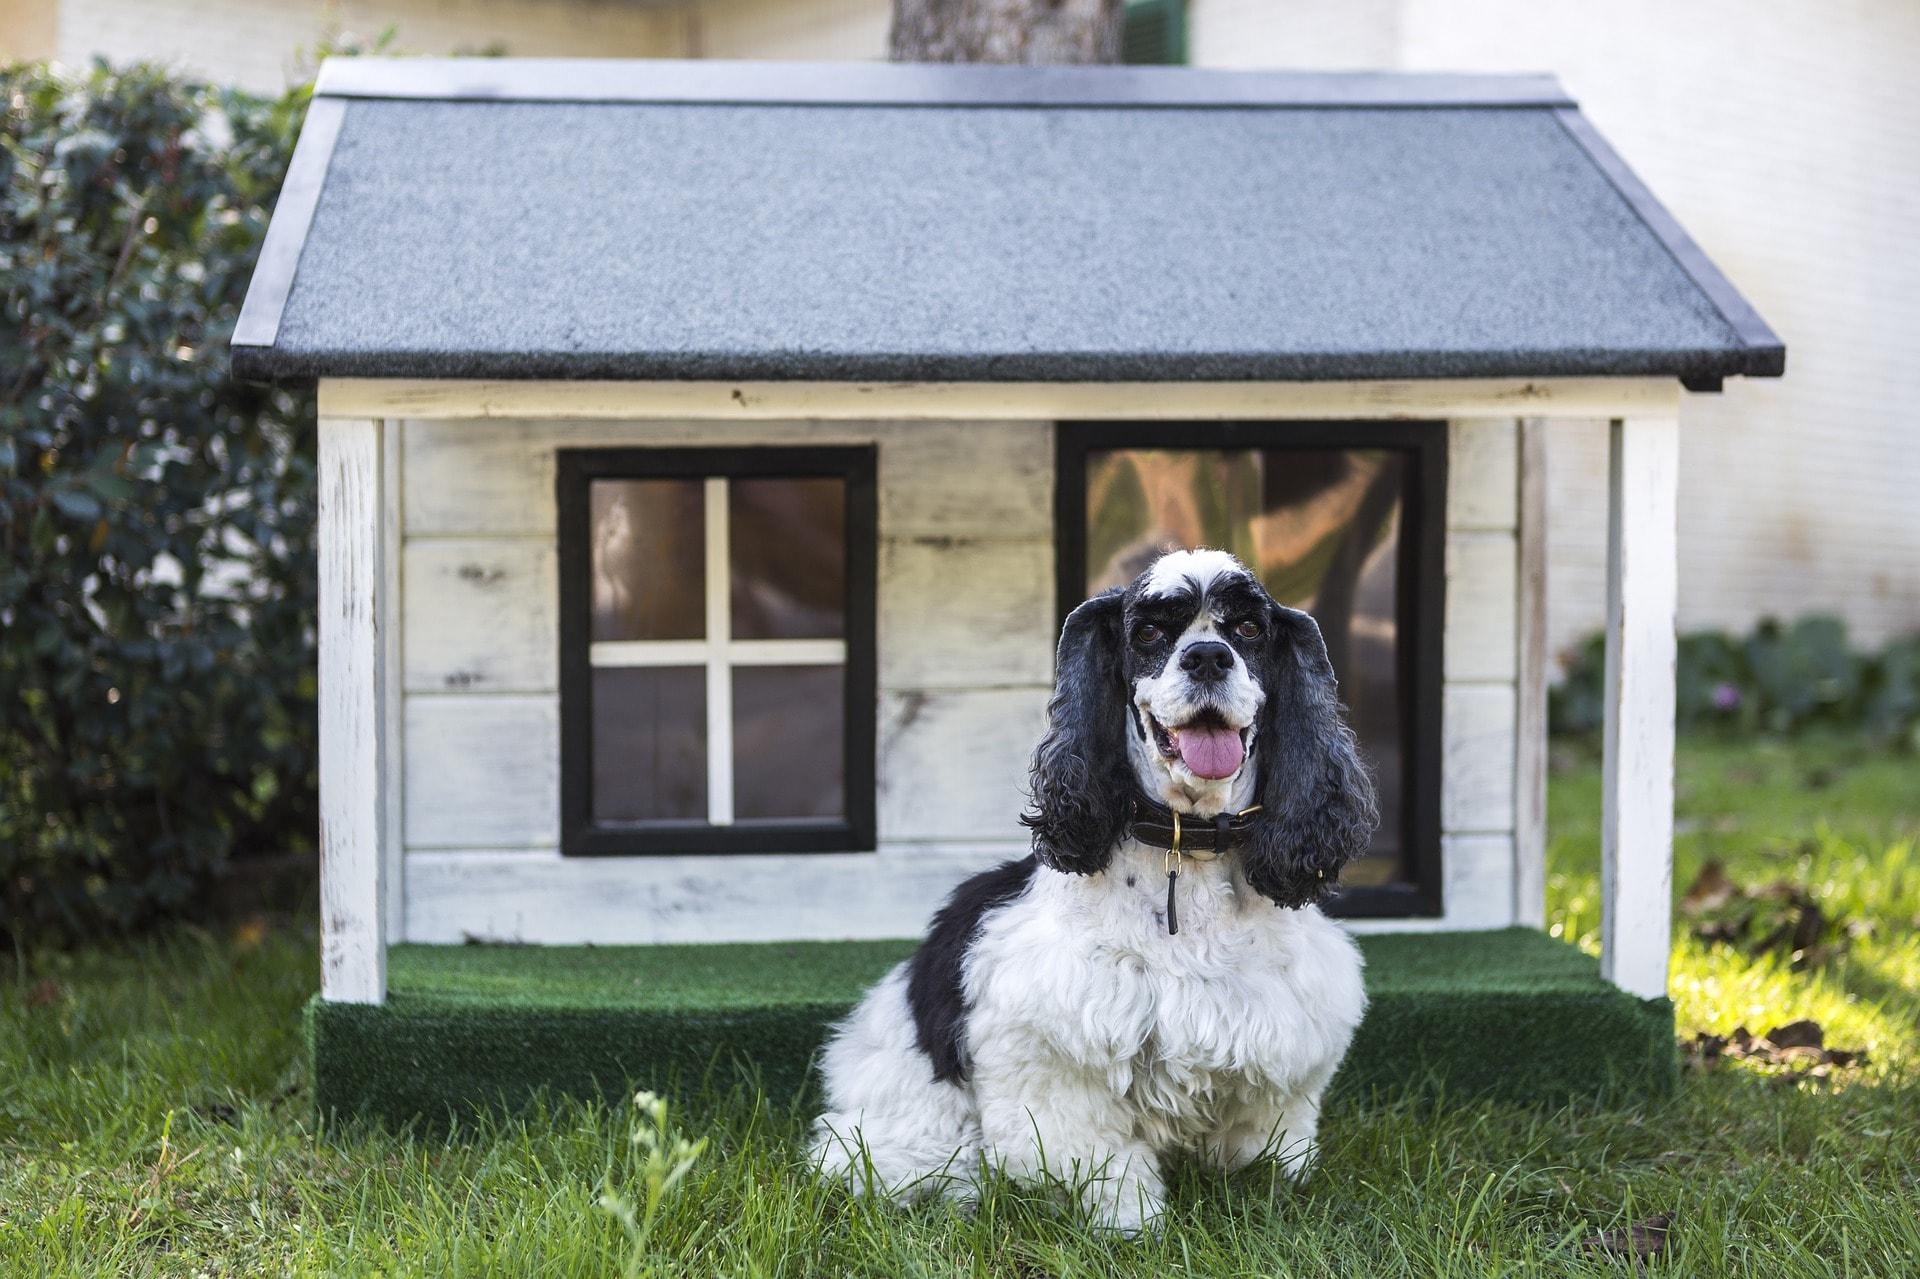 Animali Da Esterno le migliori cucce per cani da interno e da esterno - aipan